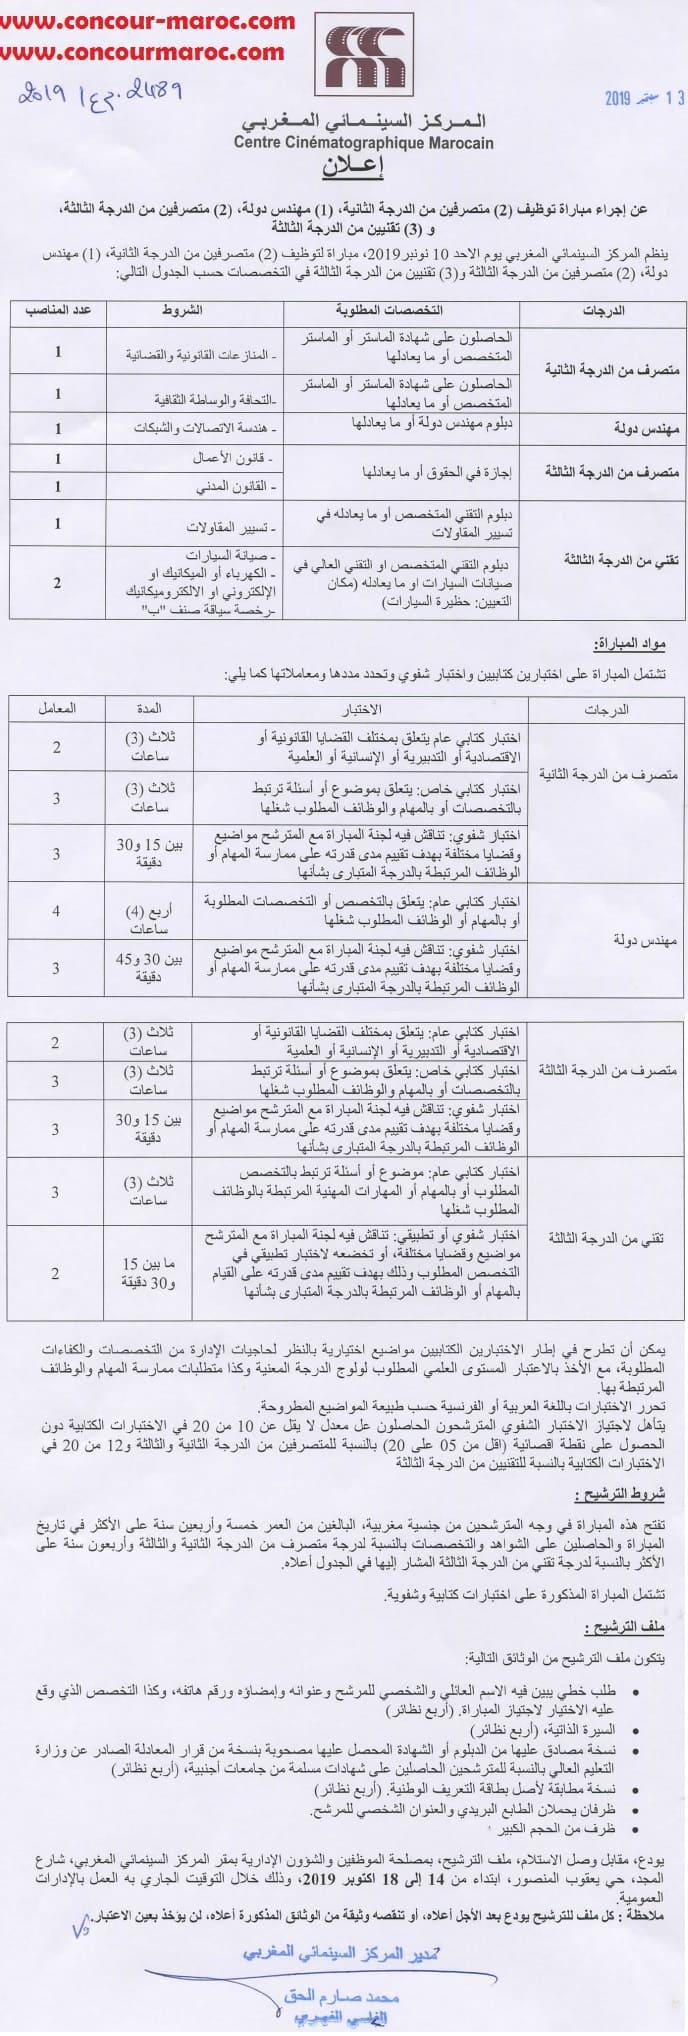 المركز السينمائي المغربي : مباراة لتوظيف 03 تقني متخصص و 02 اطار مجاز و 02 اطار عالي و 01 مهندس قبل 18 اكتوبر 2019 Aaa_ao17